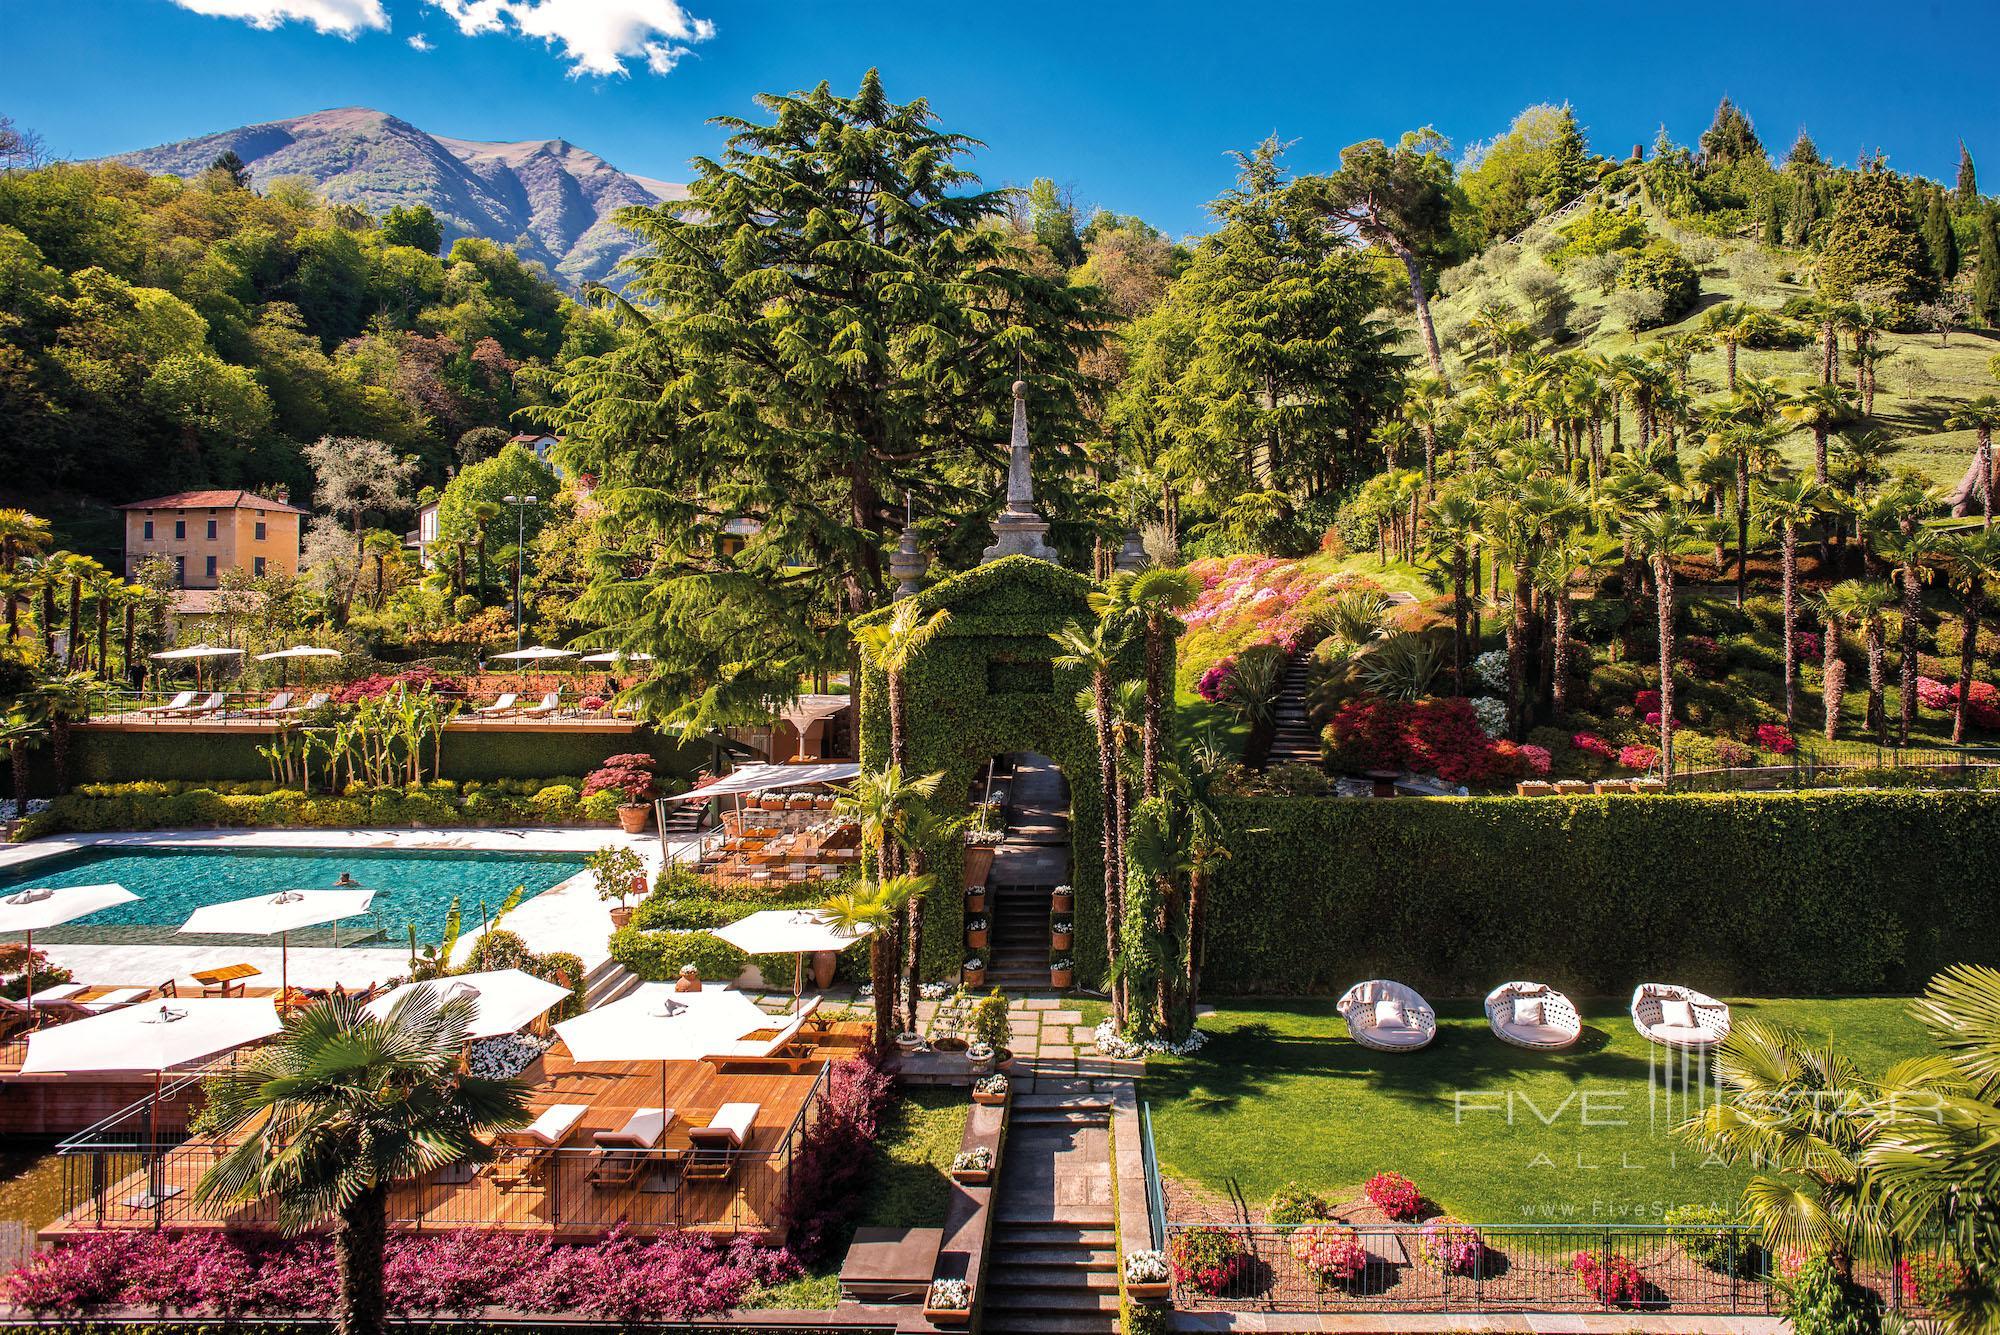 Grand Hotel Tremezzo The Park